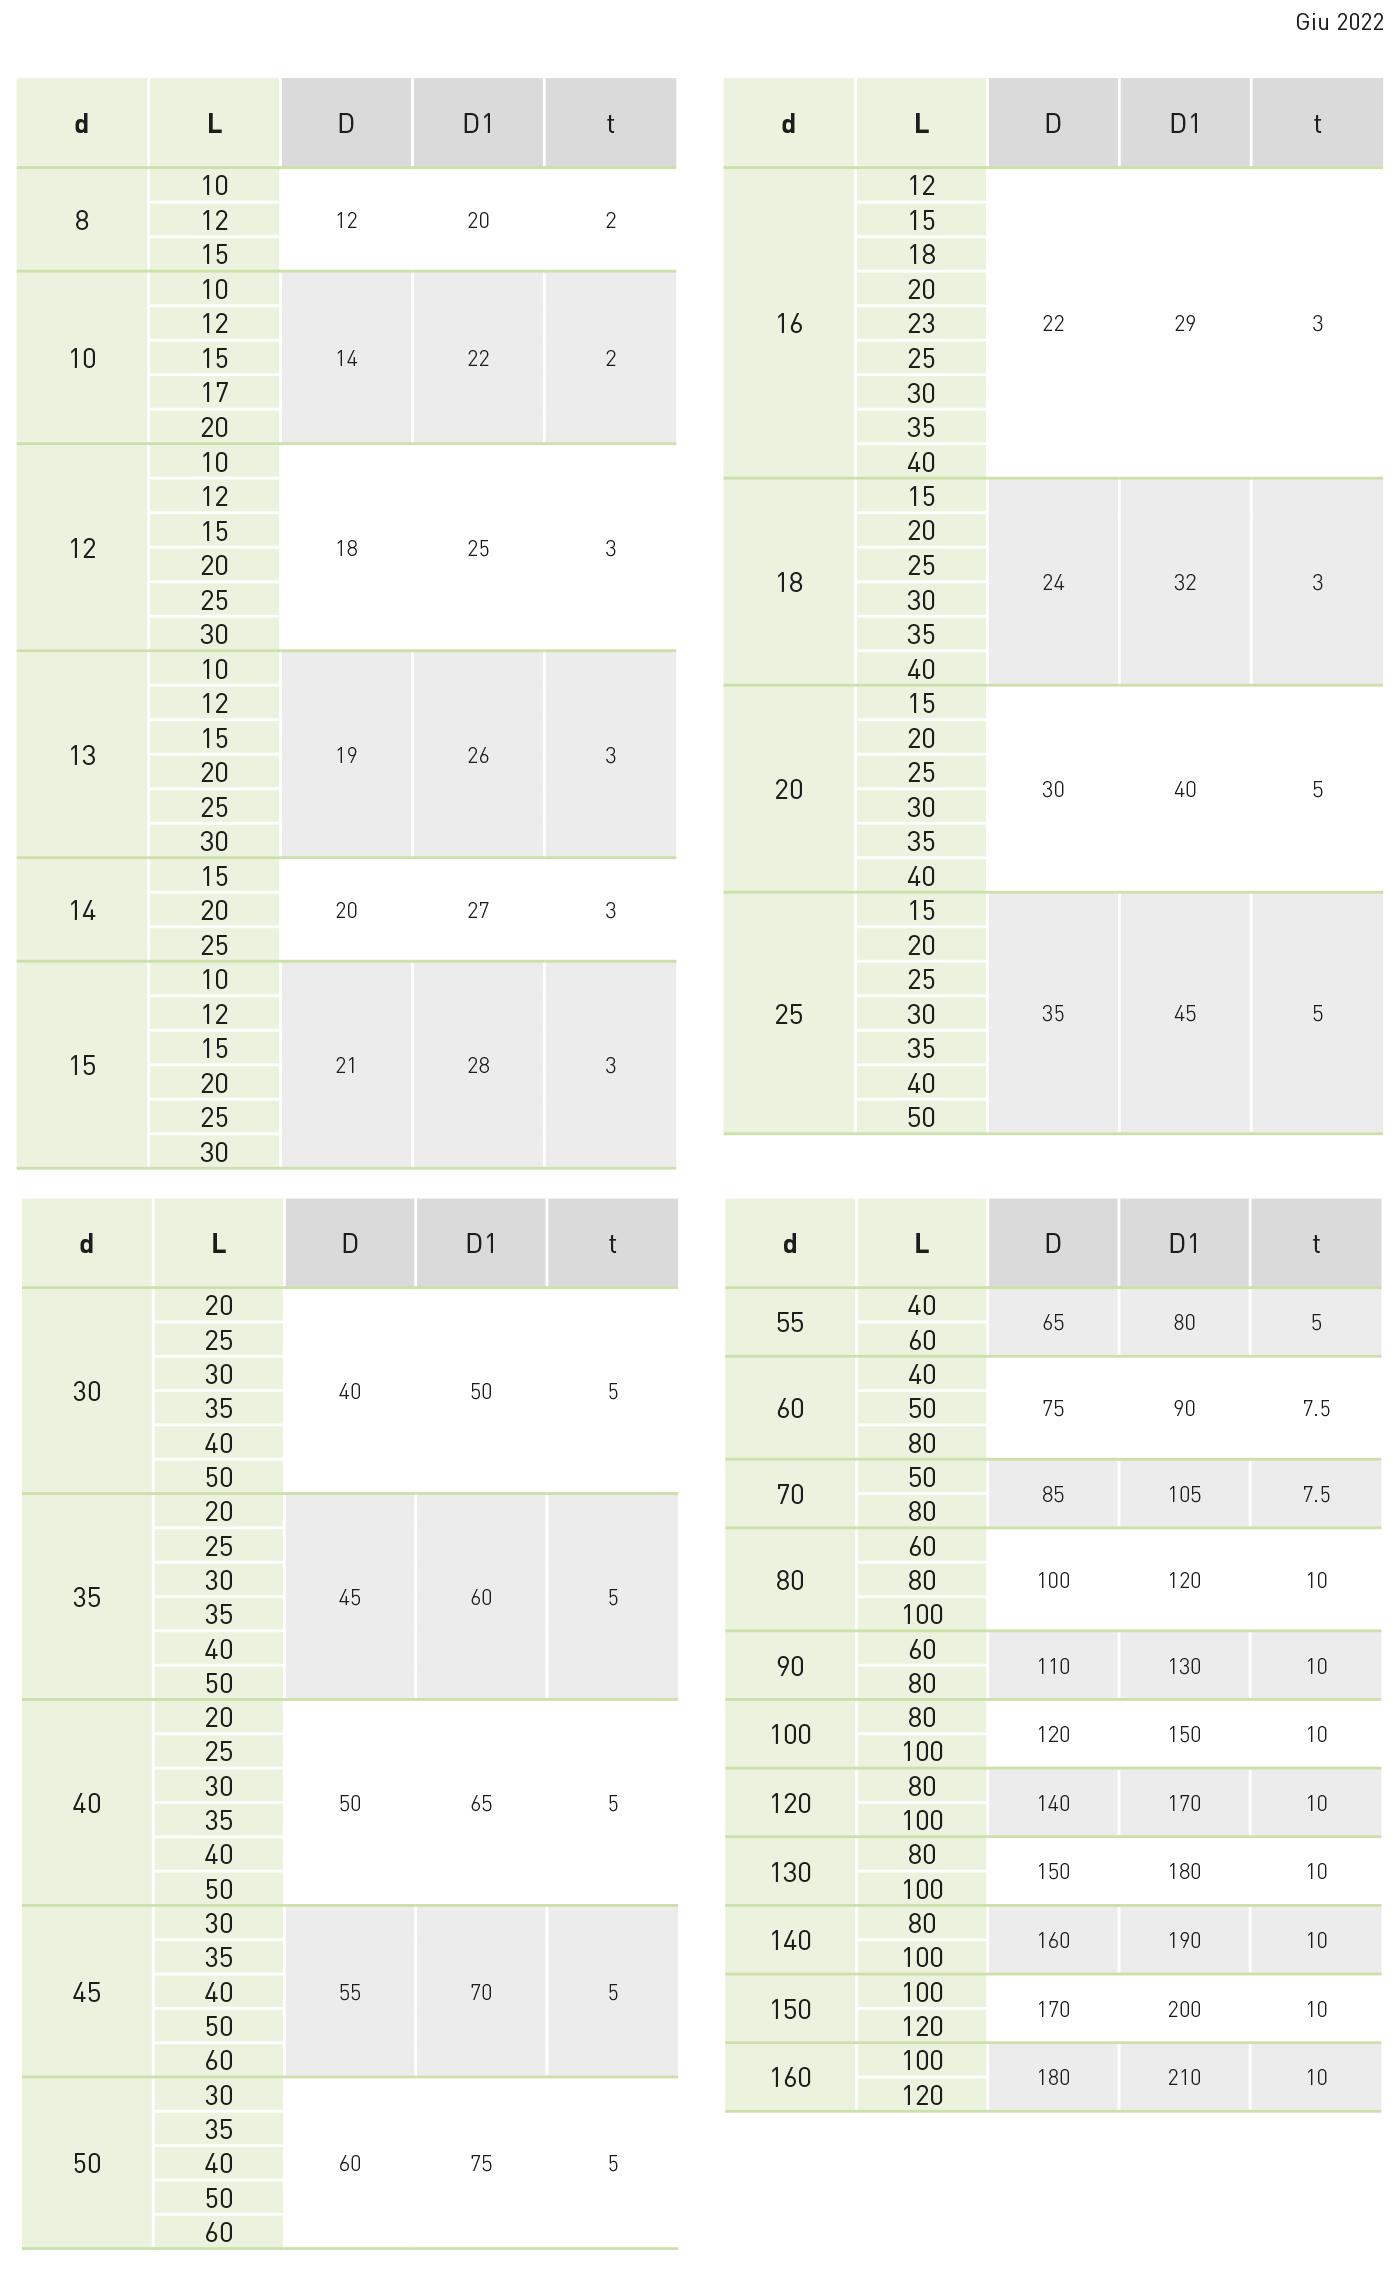 tabella bussola guida tipo